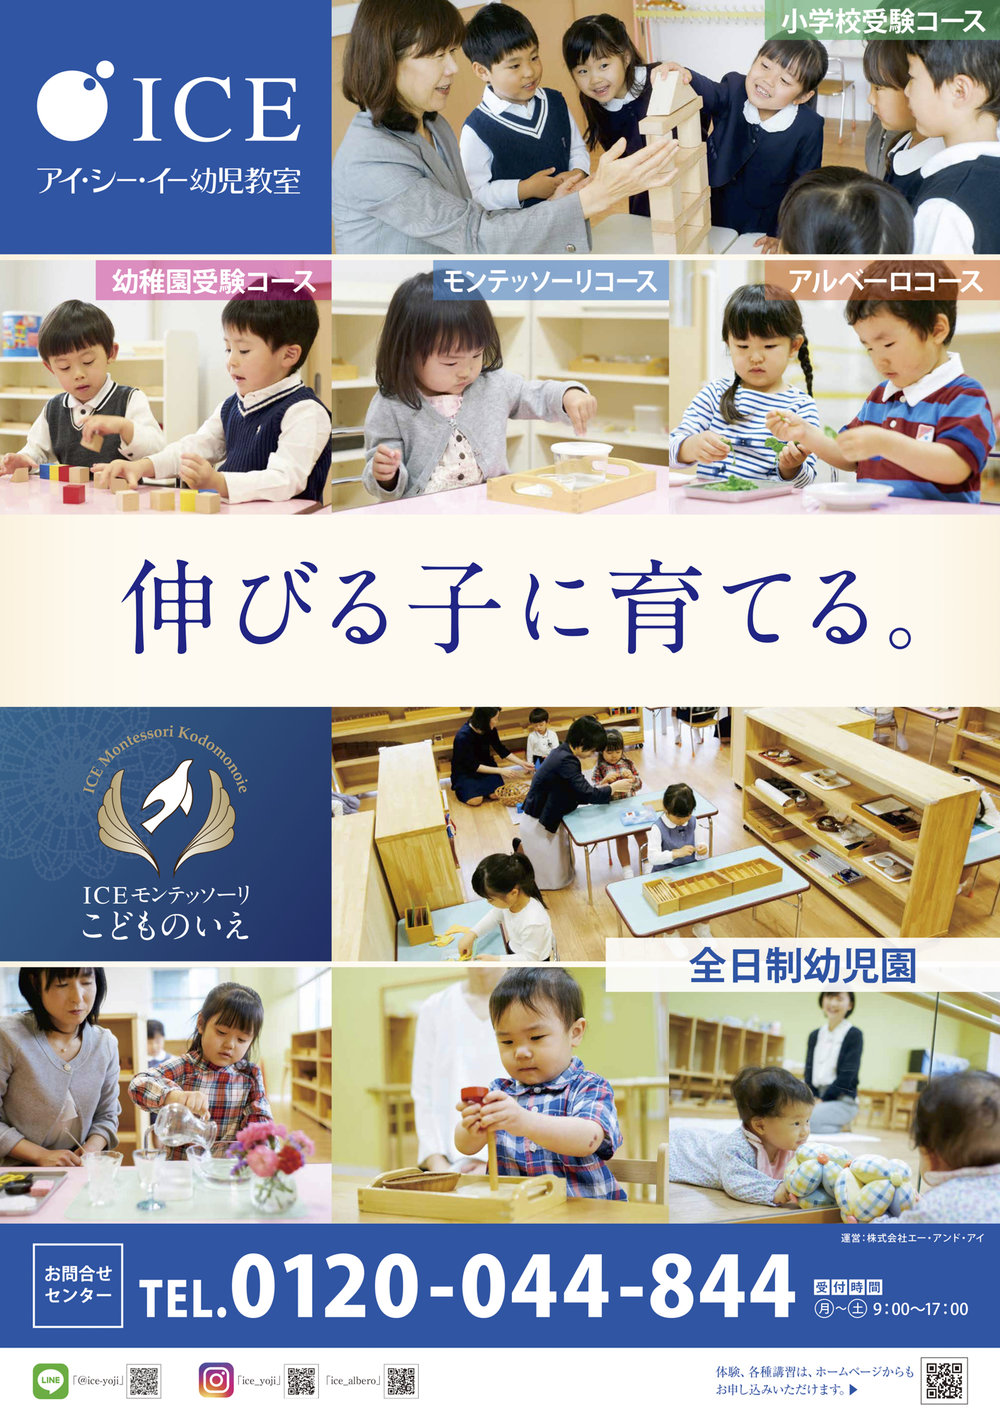 ICE 幼児教室 ポスター